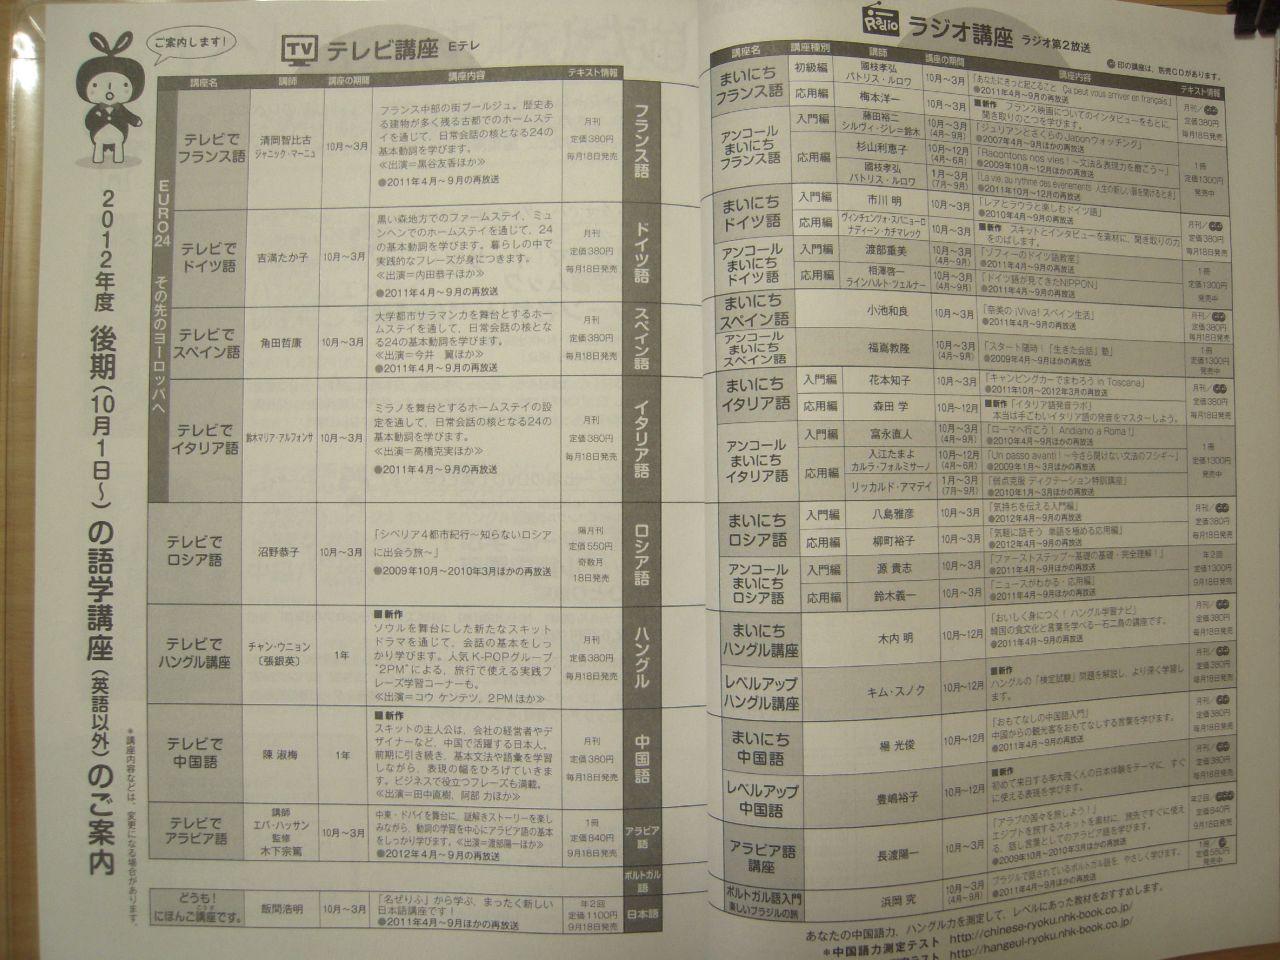 2012年10月期外国語講座の情報 - その2 (8月18日)_c0059093_12305628.jpg